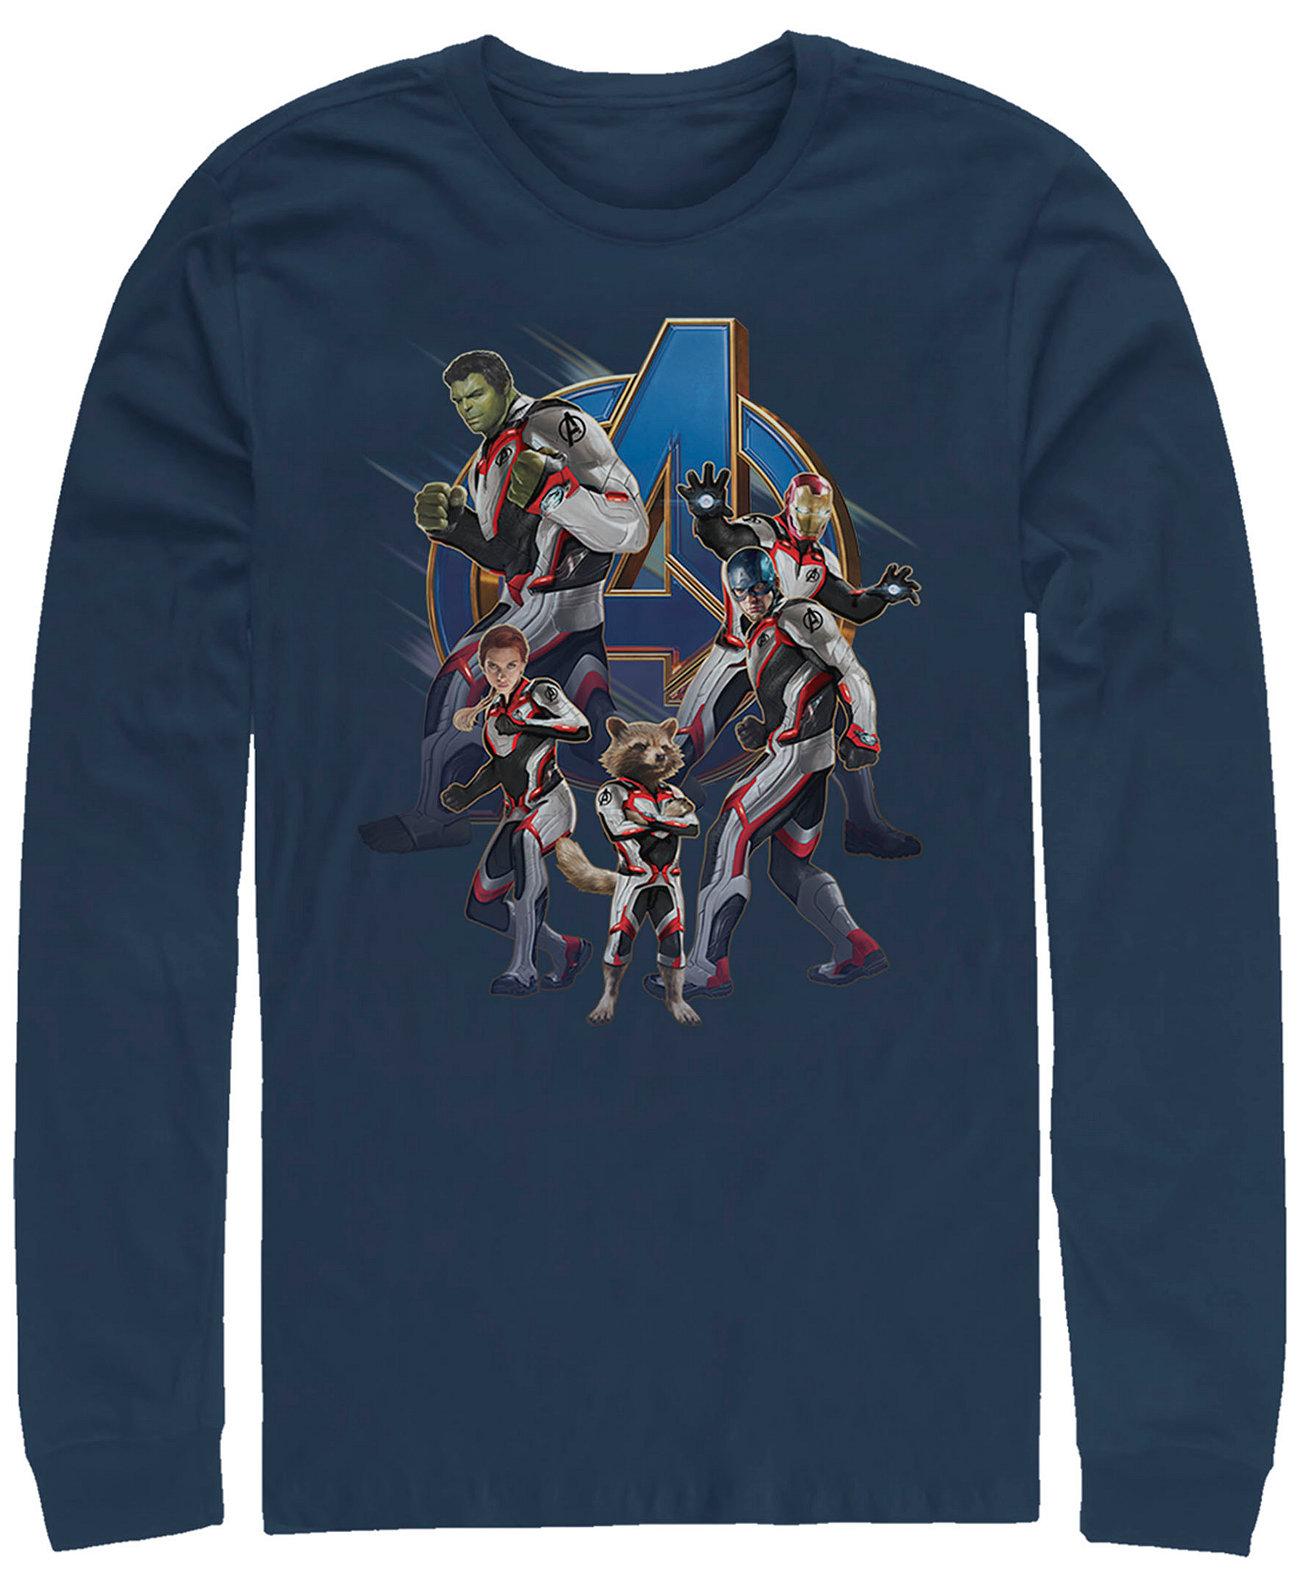 Мужская группа Avengers Endgame Suit, футболка с длинным рукавом Marvel